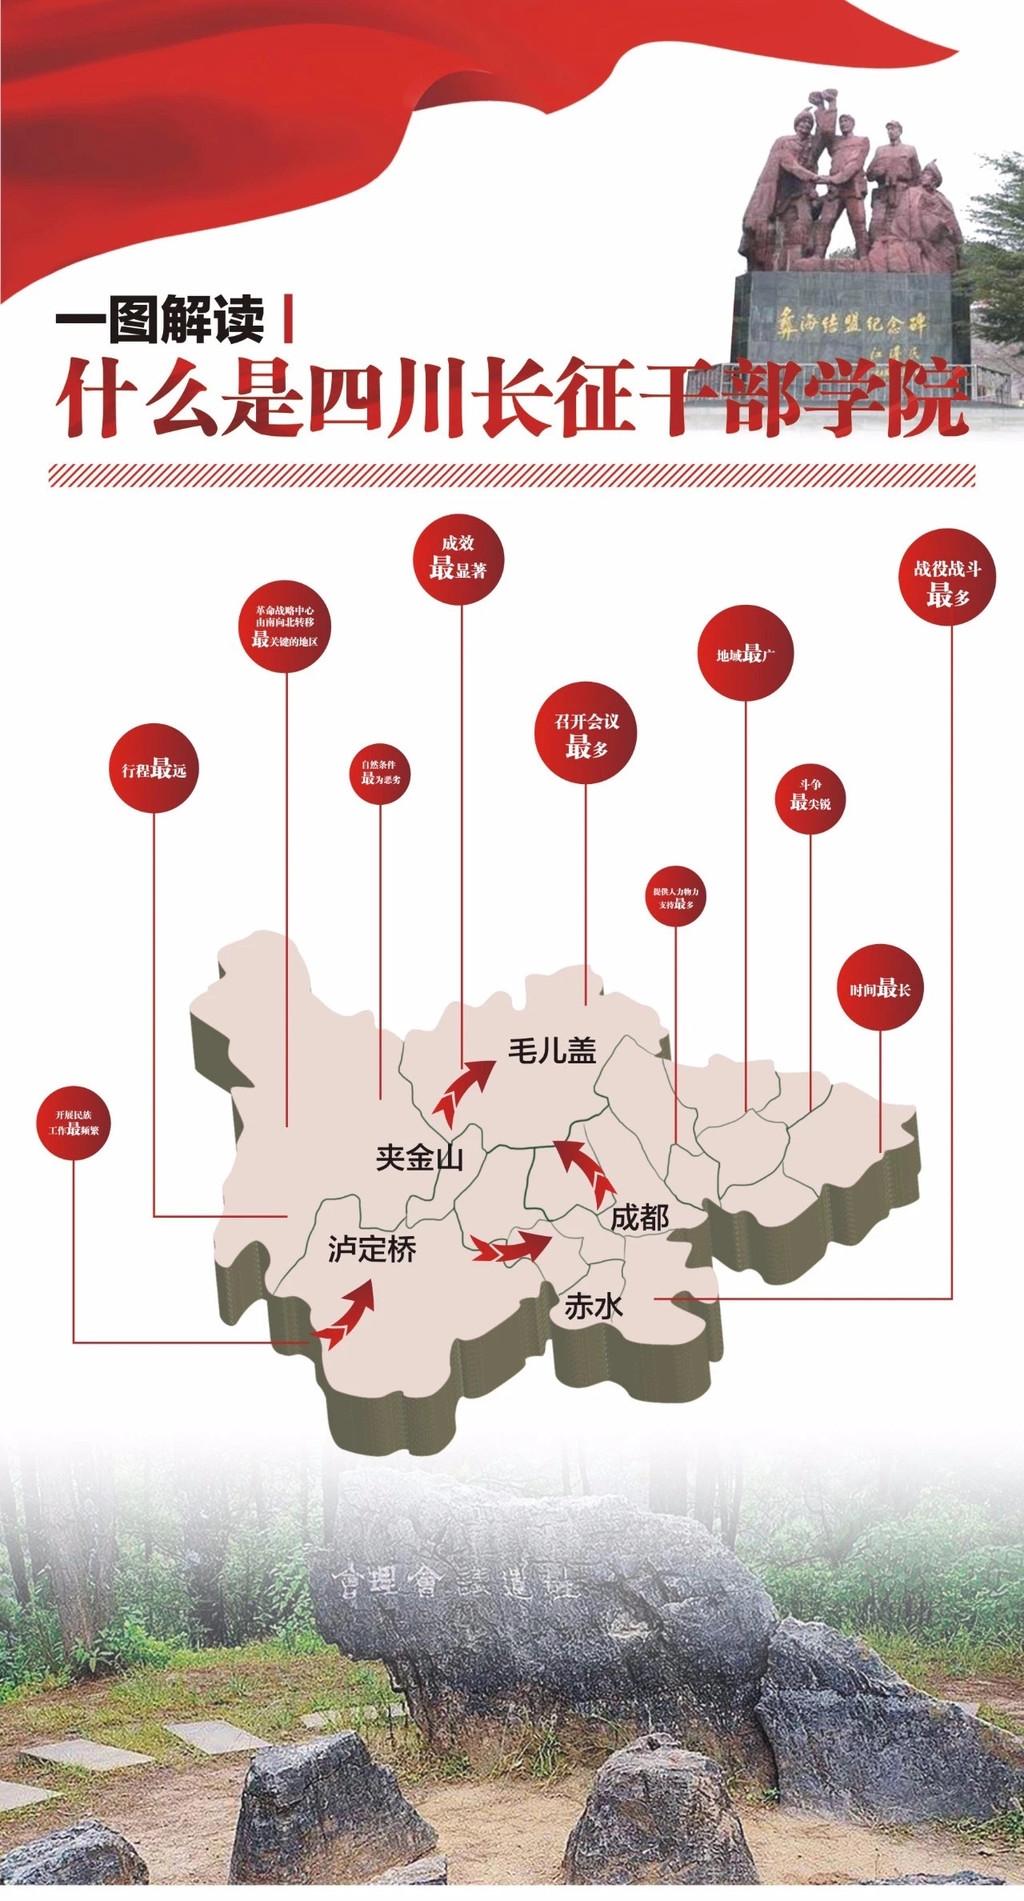 长征在四川•走进长征干部学院学党史①   一图看懂 从五个分院分布图看红军在川足迹